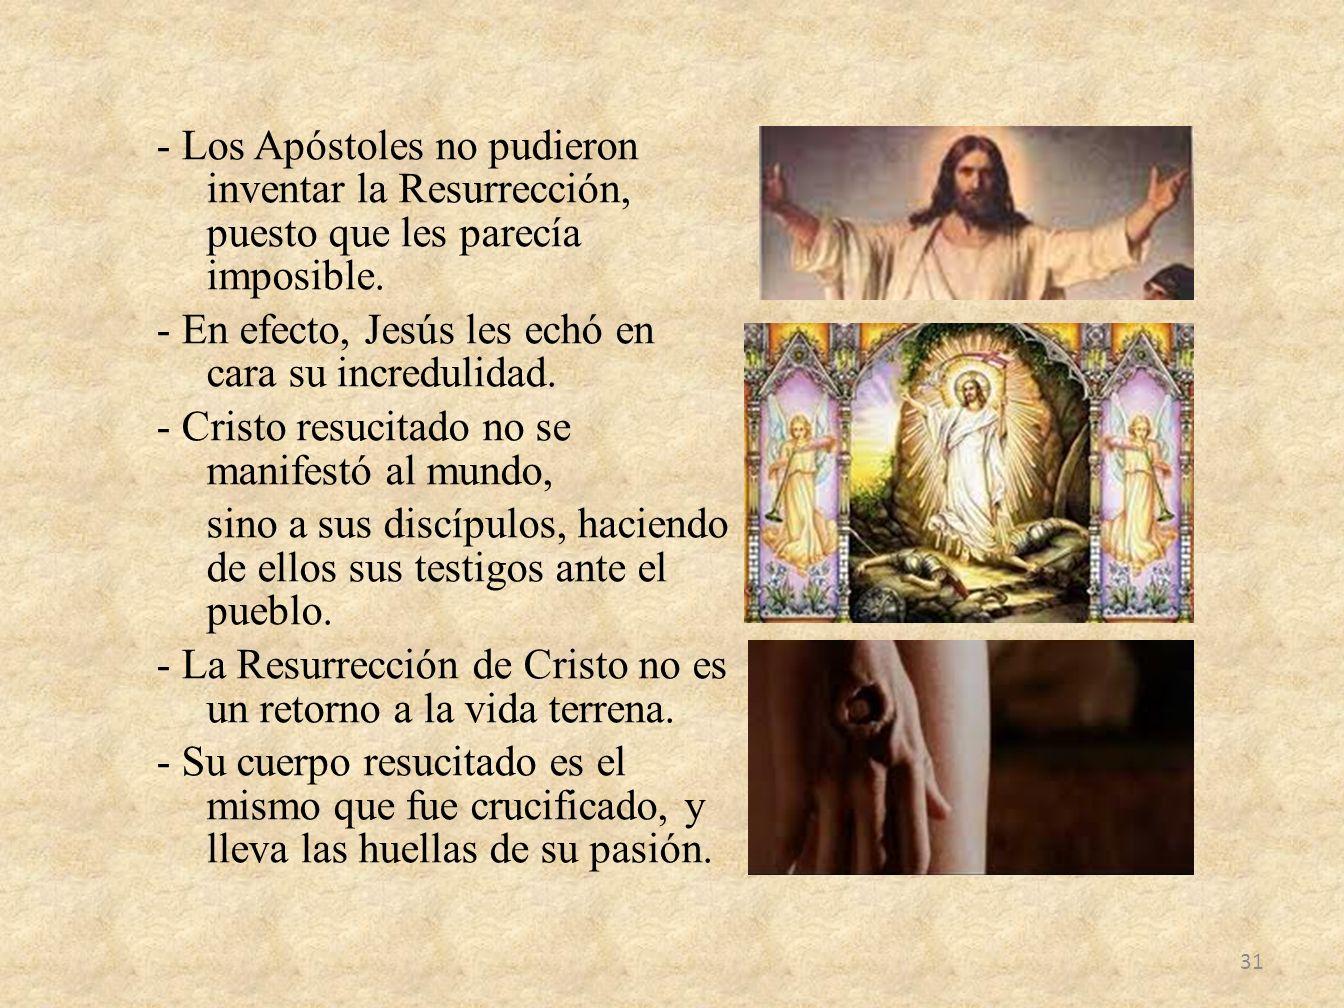 - Los Apóstoles no pudieron inventar la Resurrección, puesto que les parecía imposible. - En efecto, Jesús les echó en cara su incredulidad. - Cristo